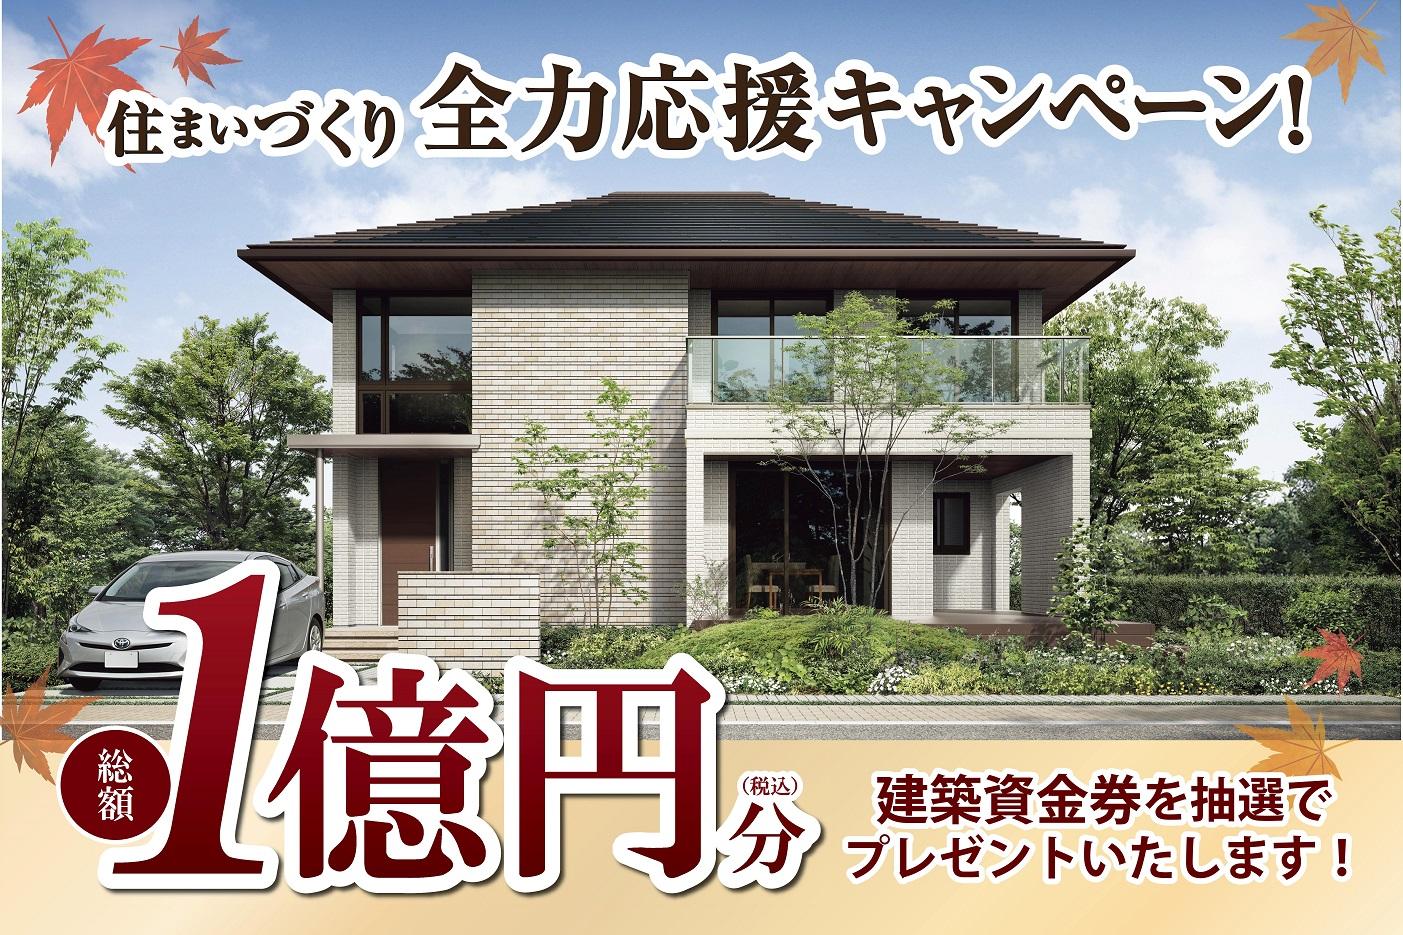 総額1億円分プレゼント★彡全力応援キャンペーン!サムネイル画像